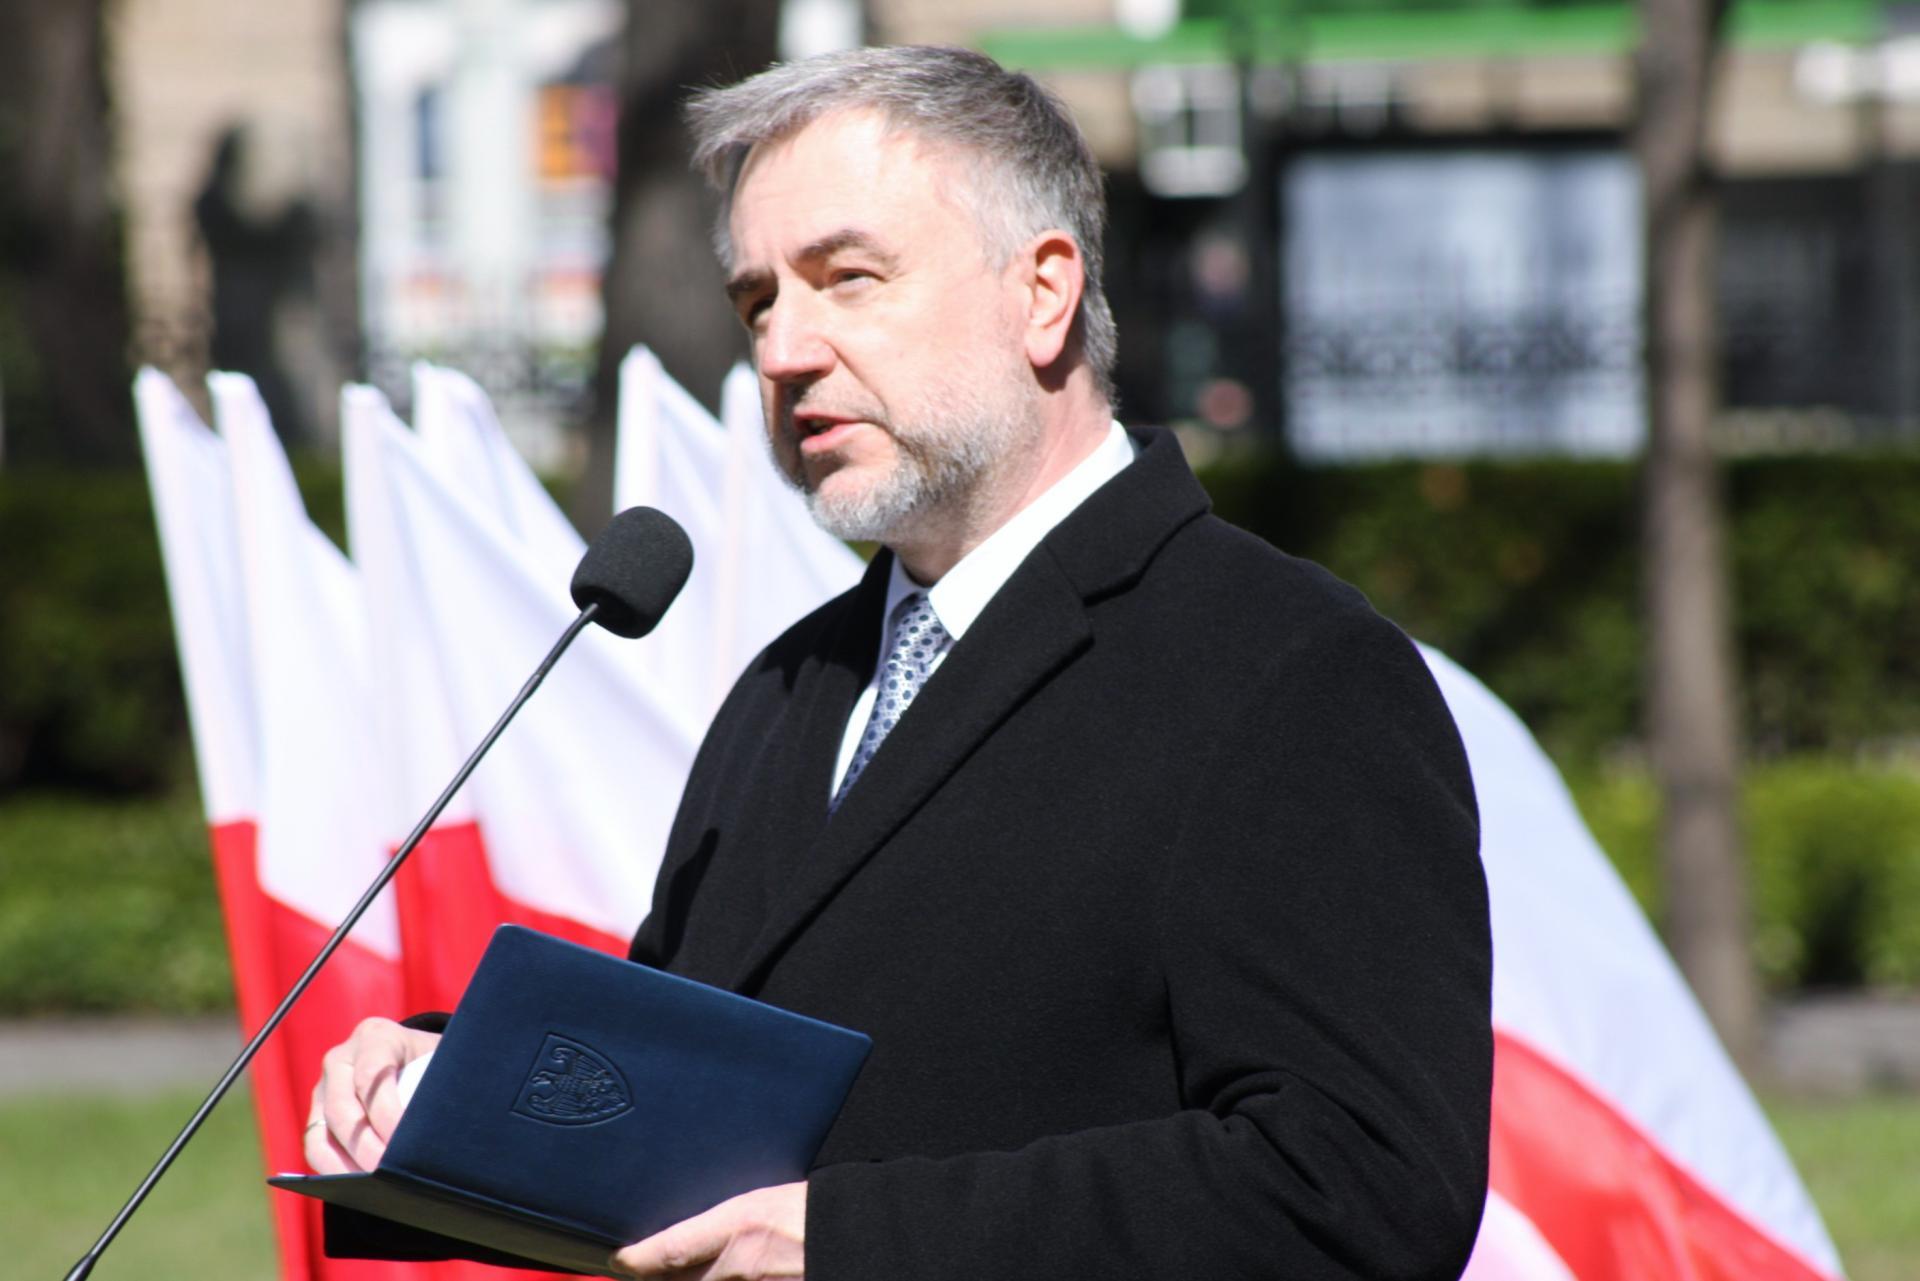 Marszałek przy pomniku Ofiar Katynia i Sybiru w Poznaniu: Dla mnie pamięć Katynia jest jak niegojąca się otwarta rana...  - zobacz więcej